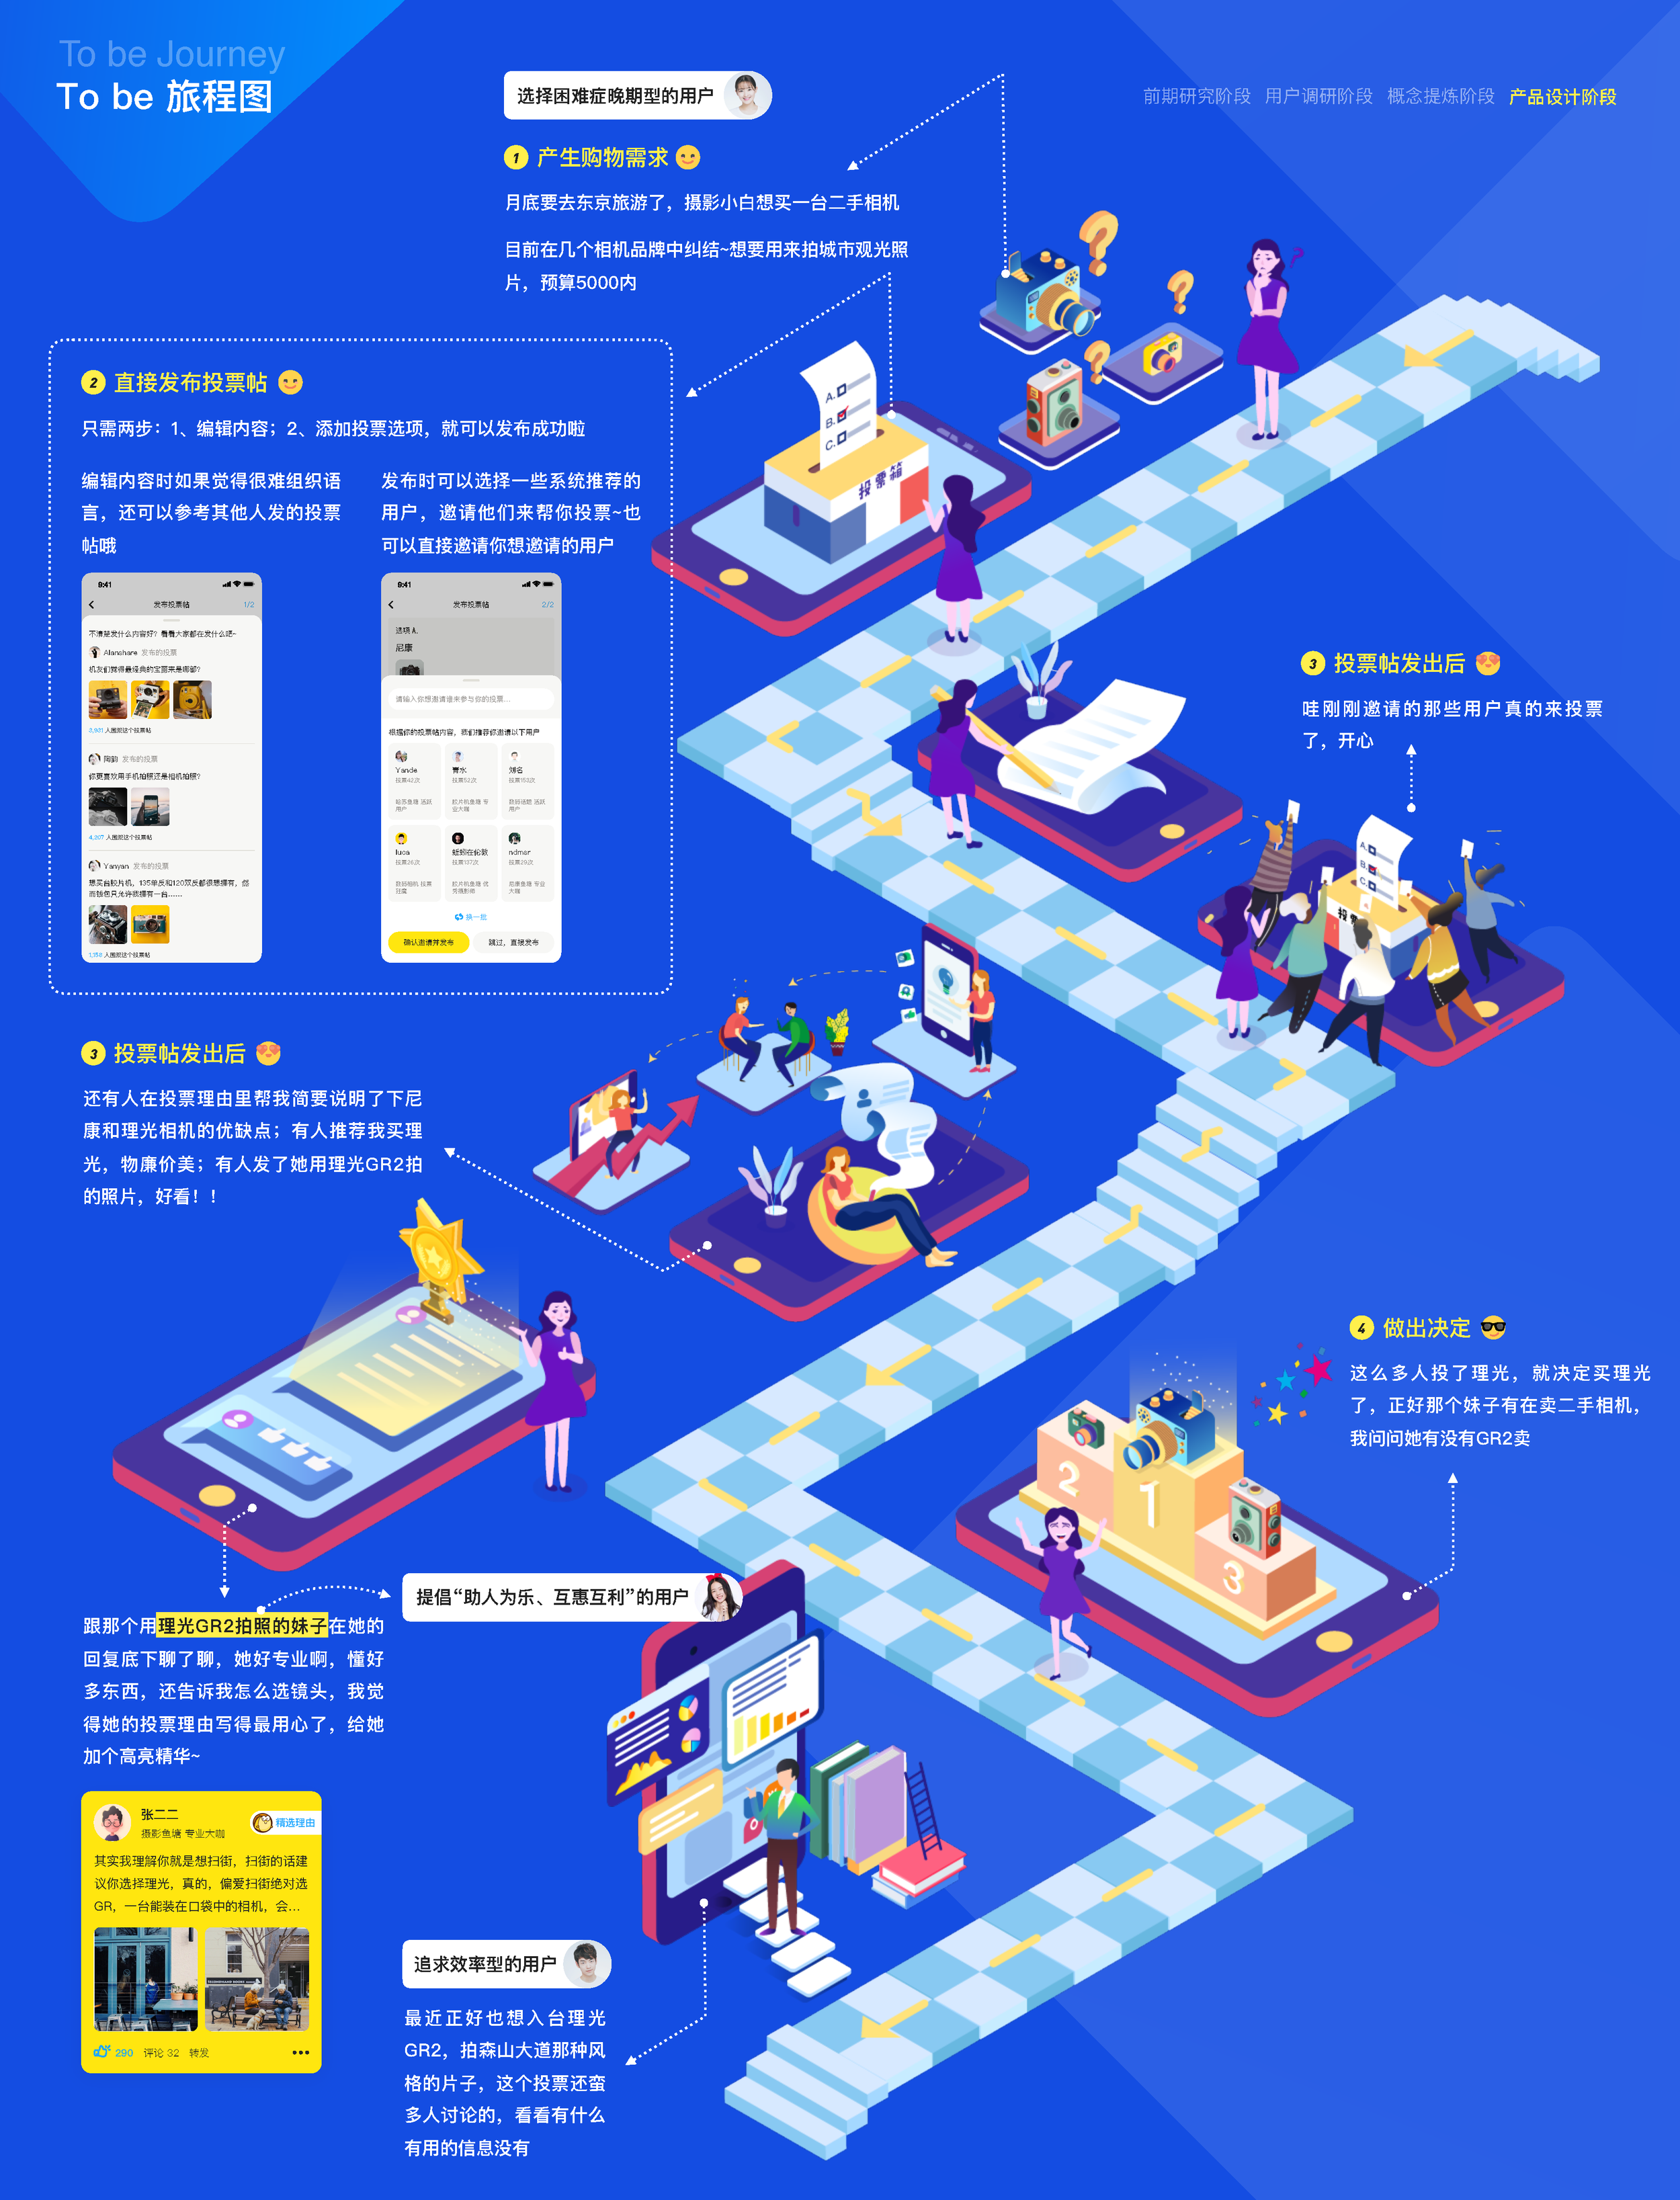 闲鱼社区互动设计(17小组油猫饼)_页面_19.png